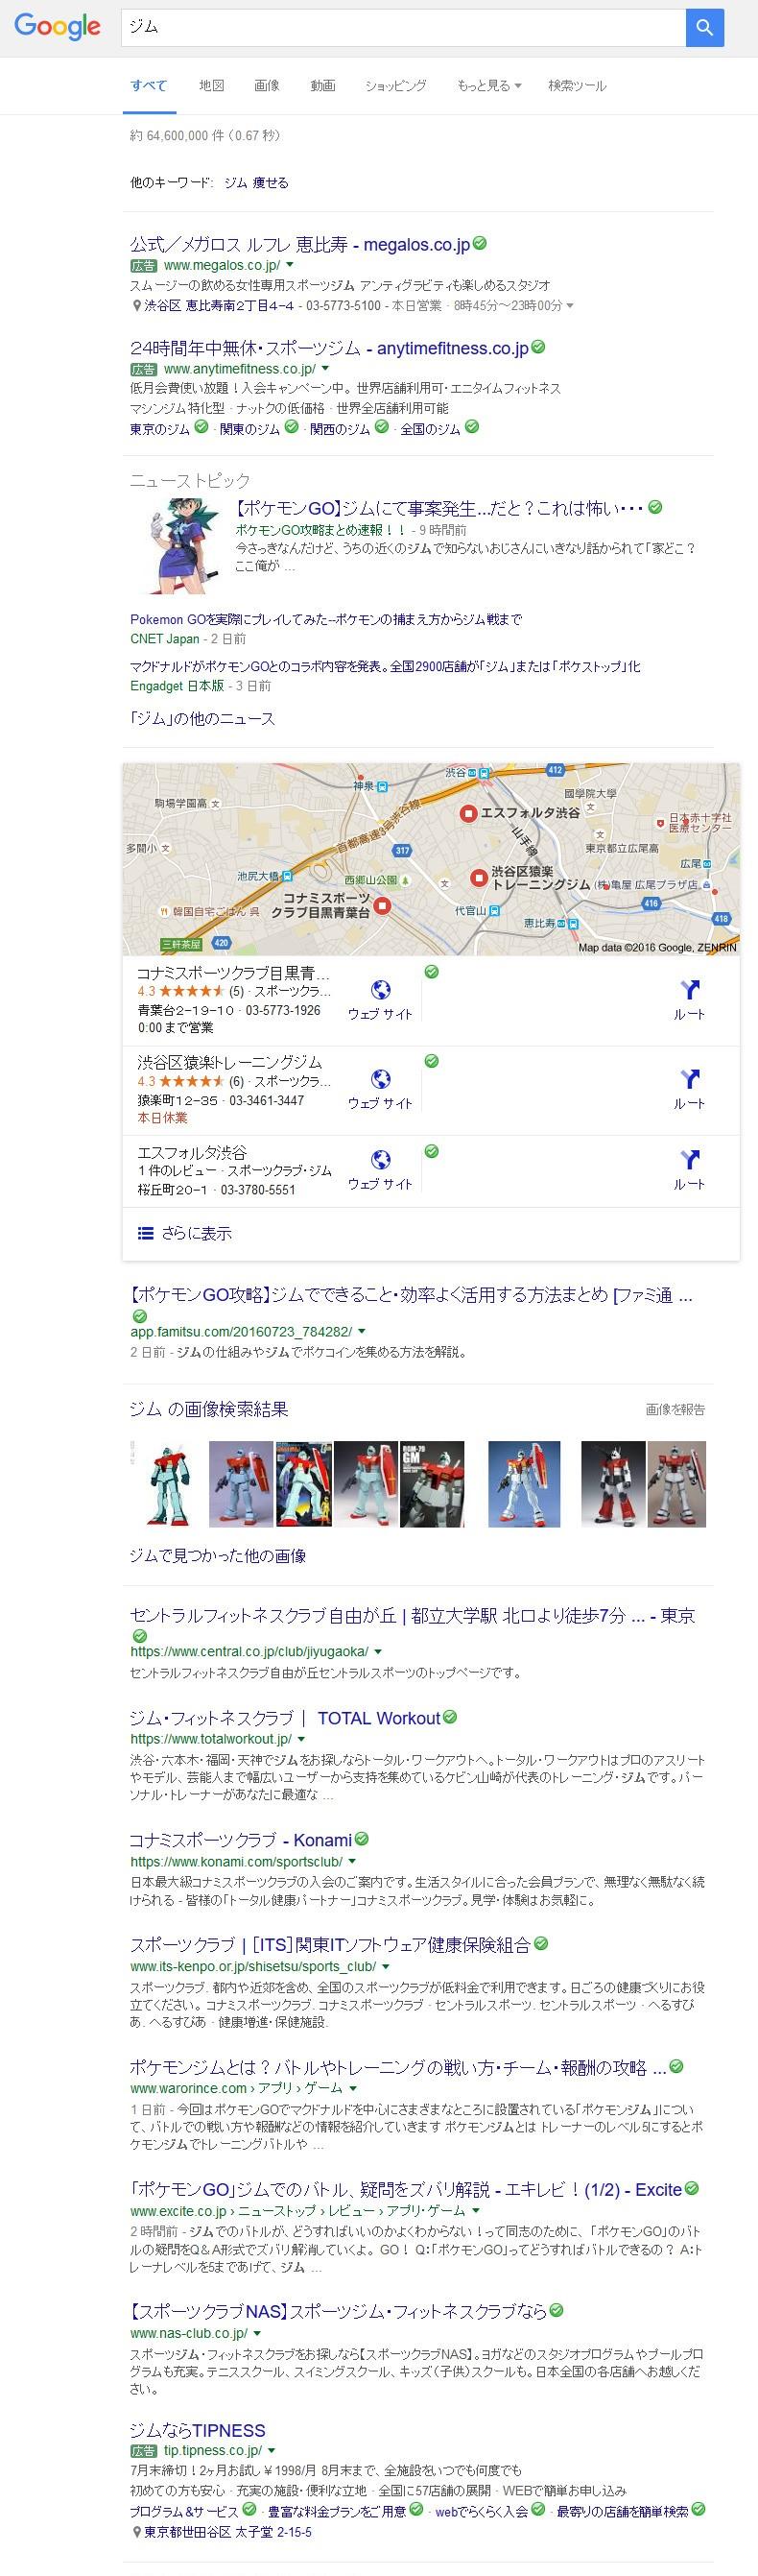 ジム - Google 検索